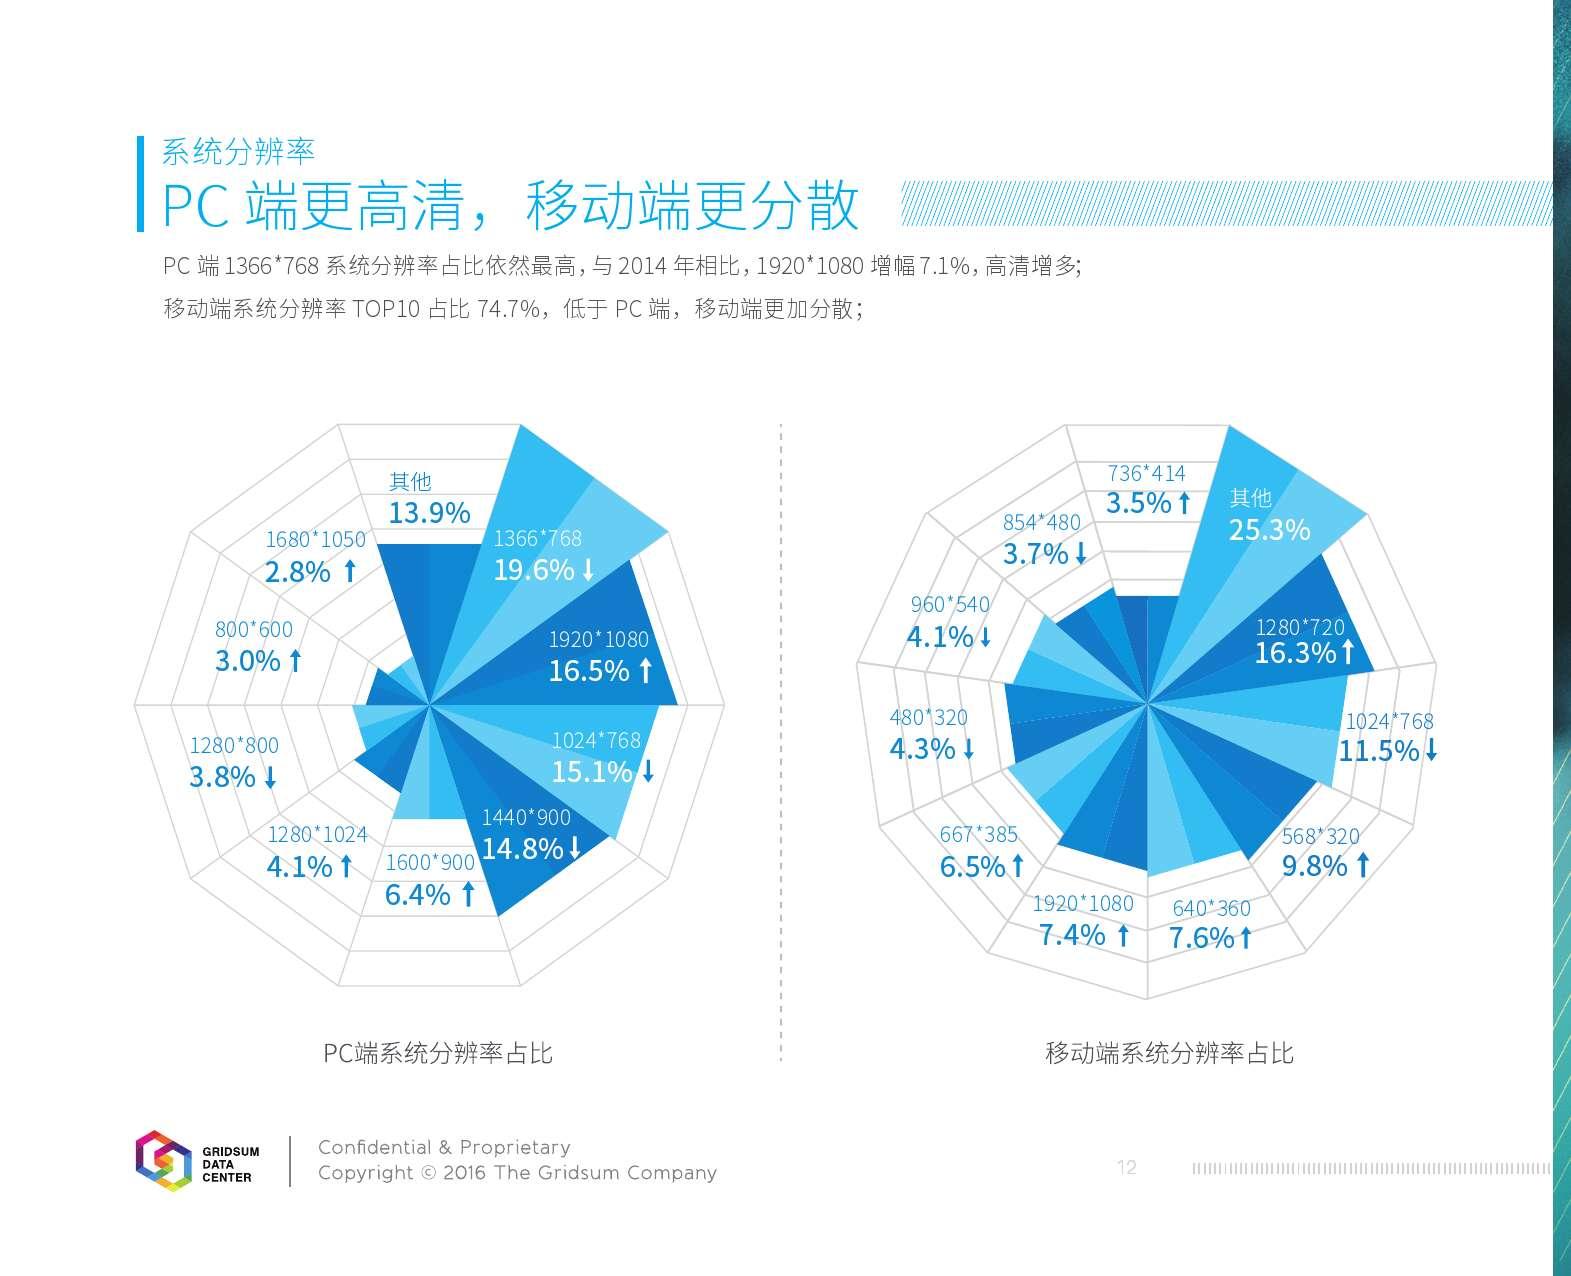 2015中国互联网发展报告_000014